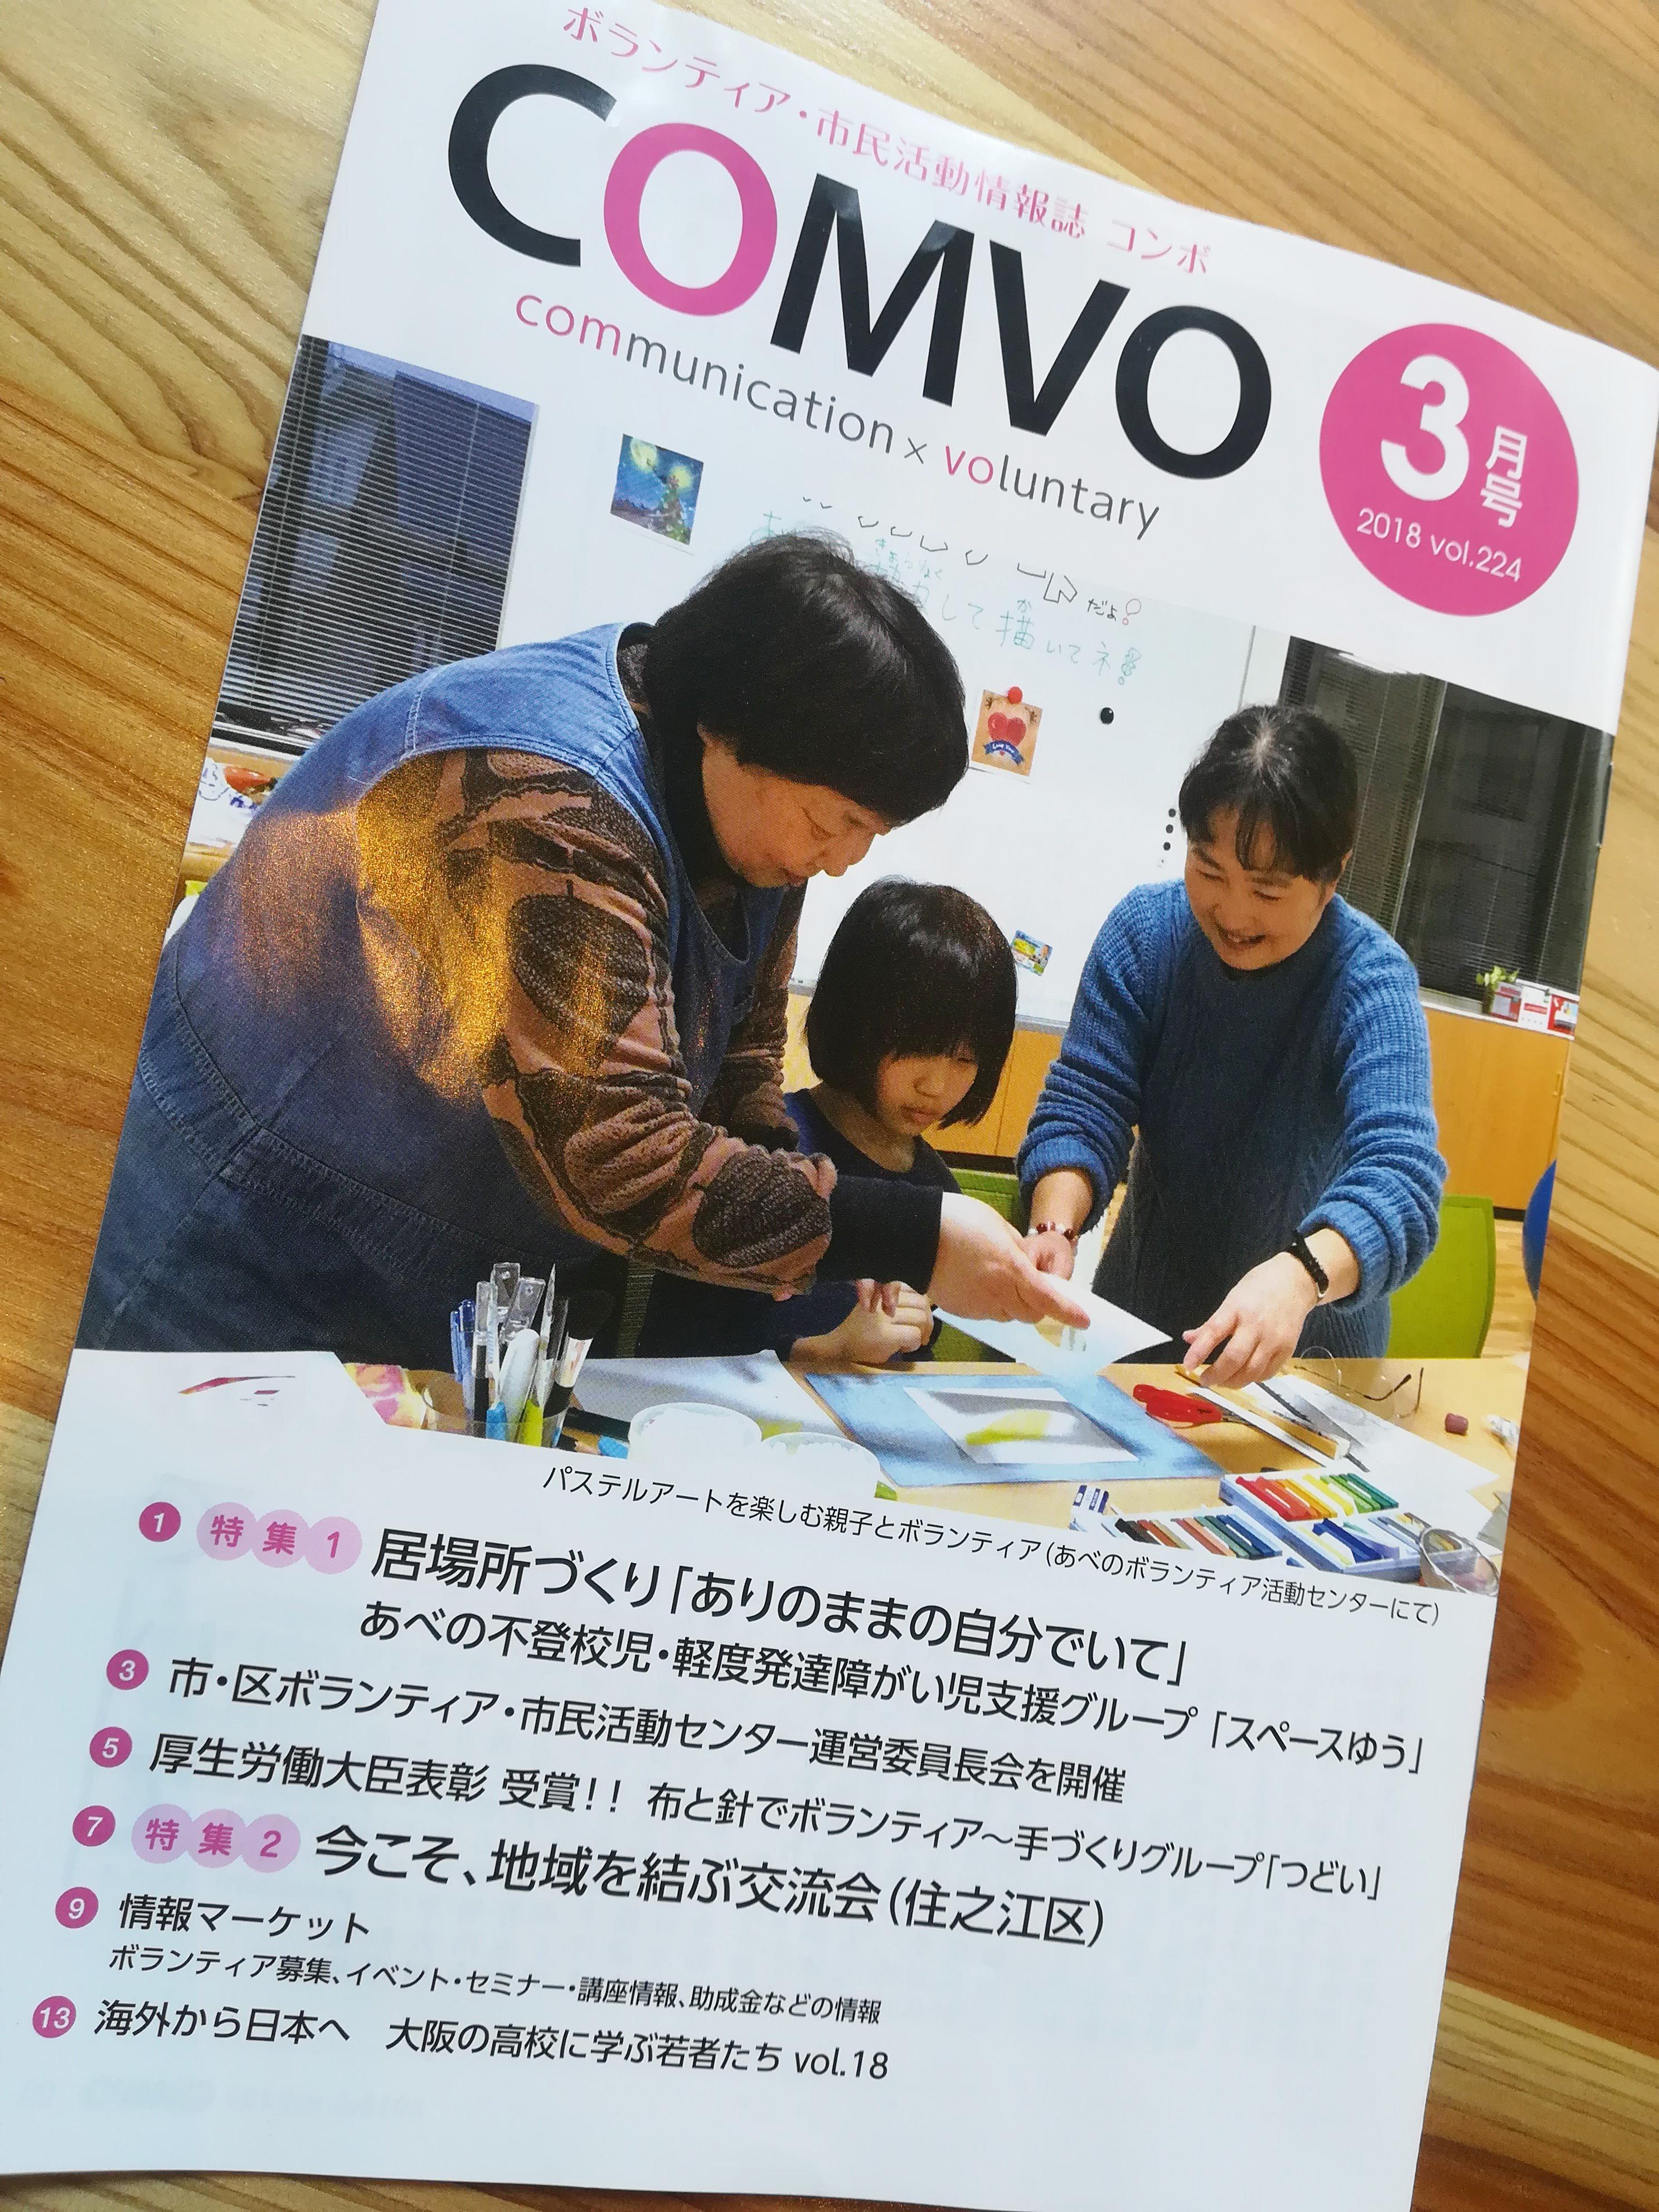 ボランティア・市民活動情報誌COMVOに掲載いただいてます